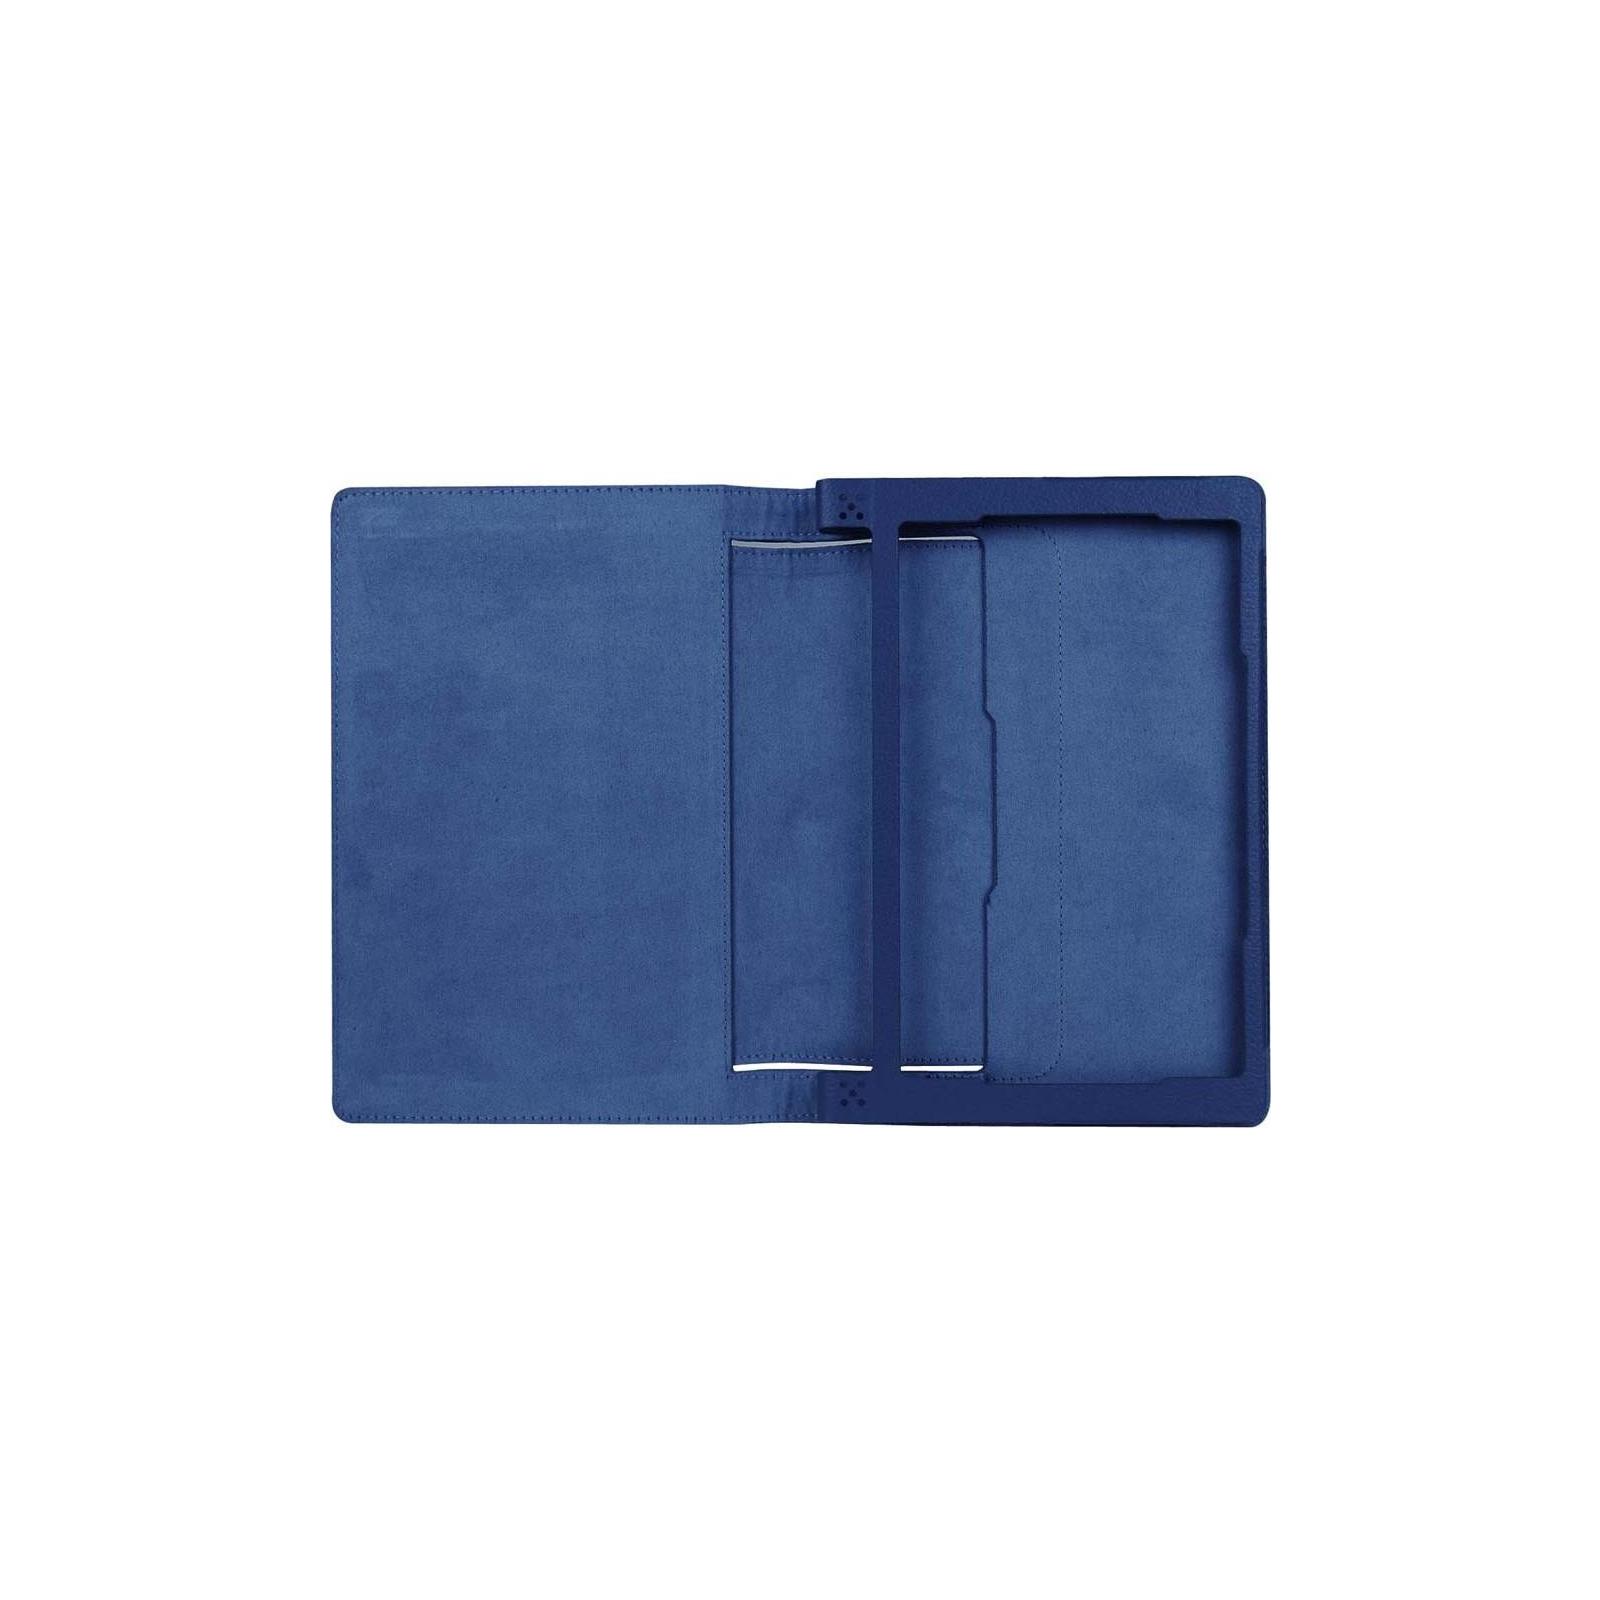 Чехол для планшета AirOn для Lenovo YOGA Tablet 3 8'' blue (4822352770303) изображение 4